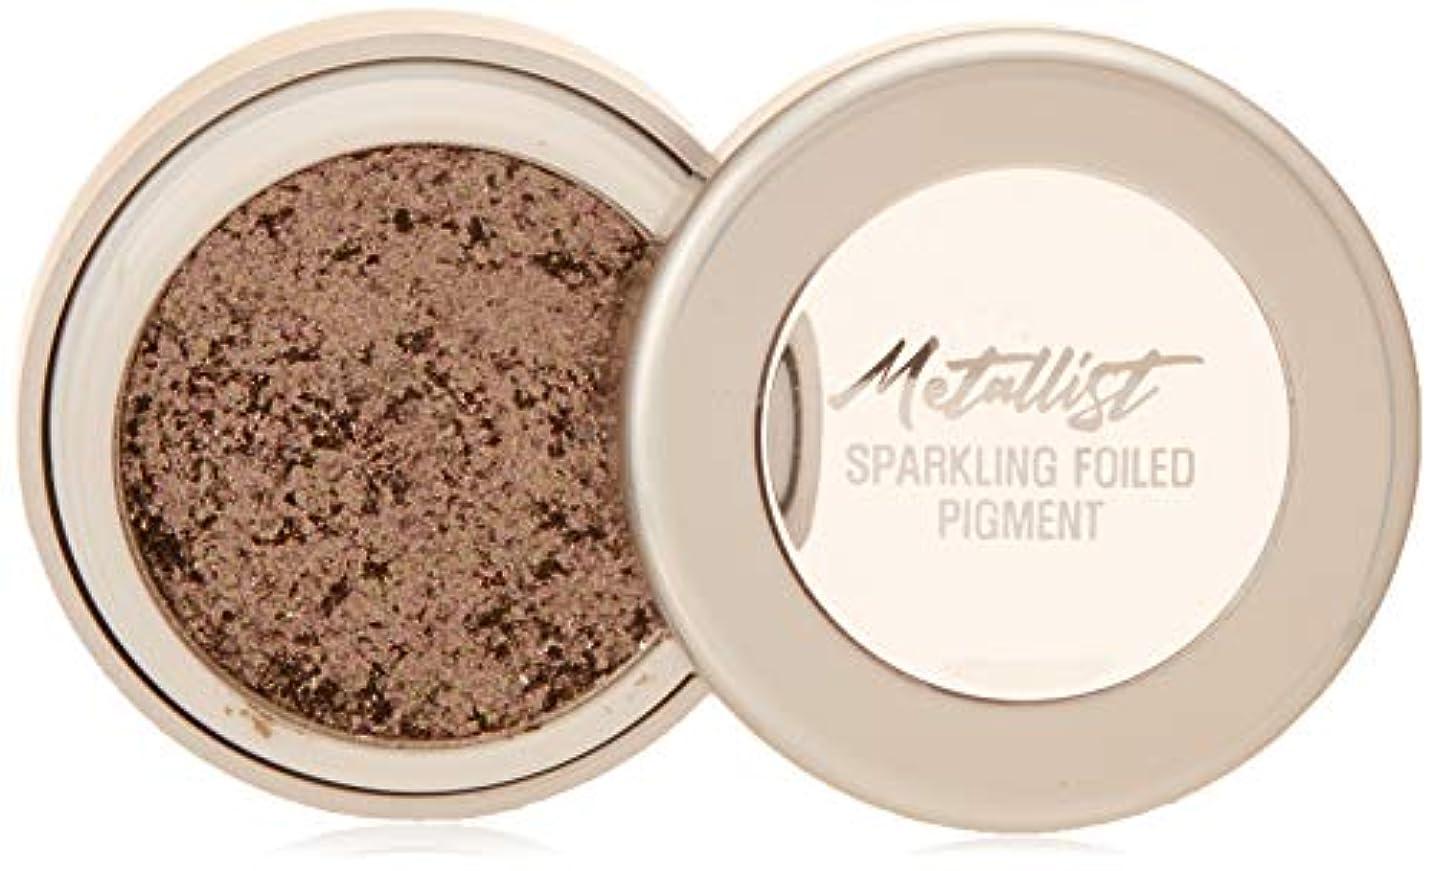 論文害霜Metallist Sparkling Foiled Pigment - 07 Aurora Taupe